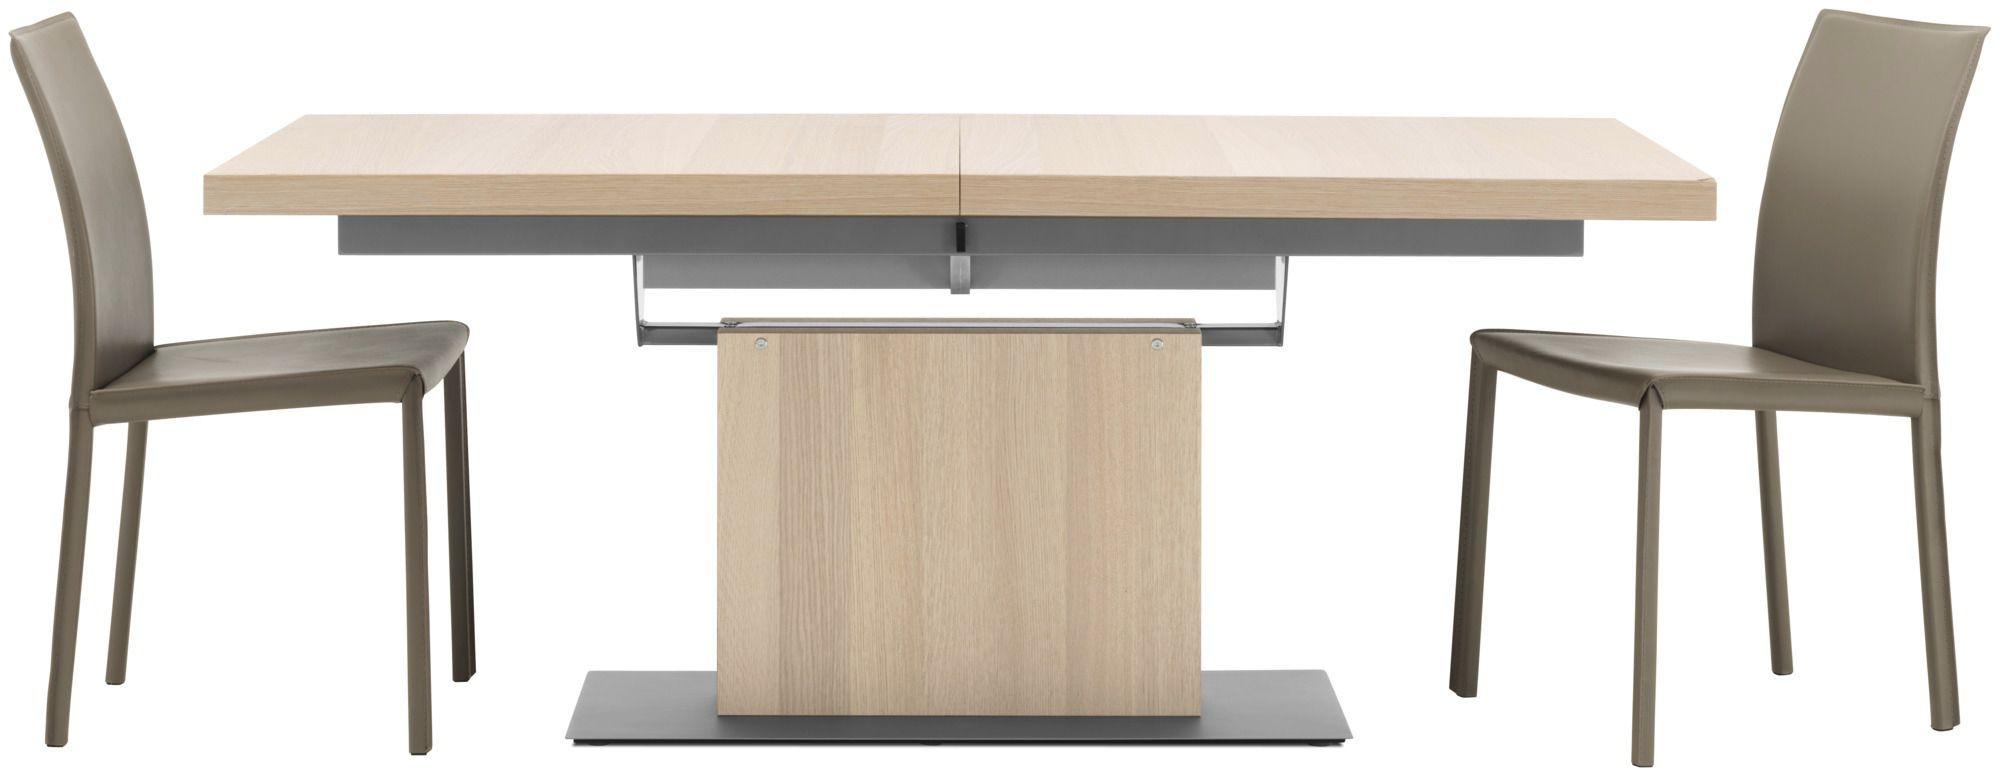 moderner esstisch aus mdf stahl rechteckig - Boconcept Esstisch